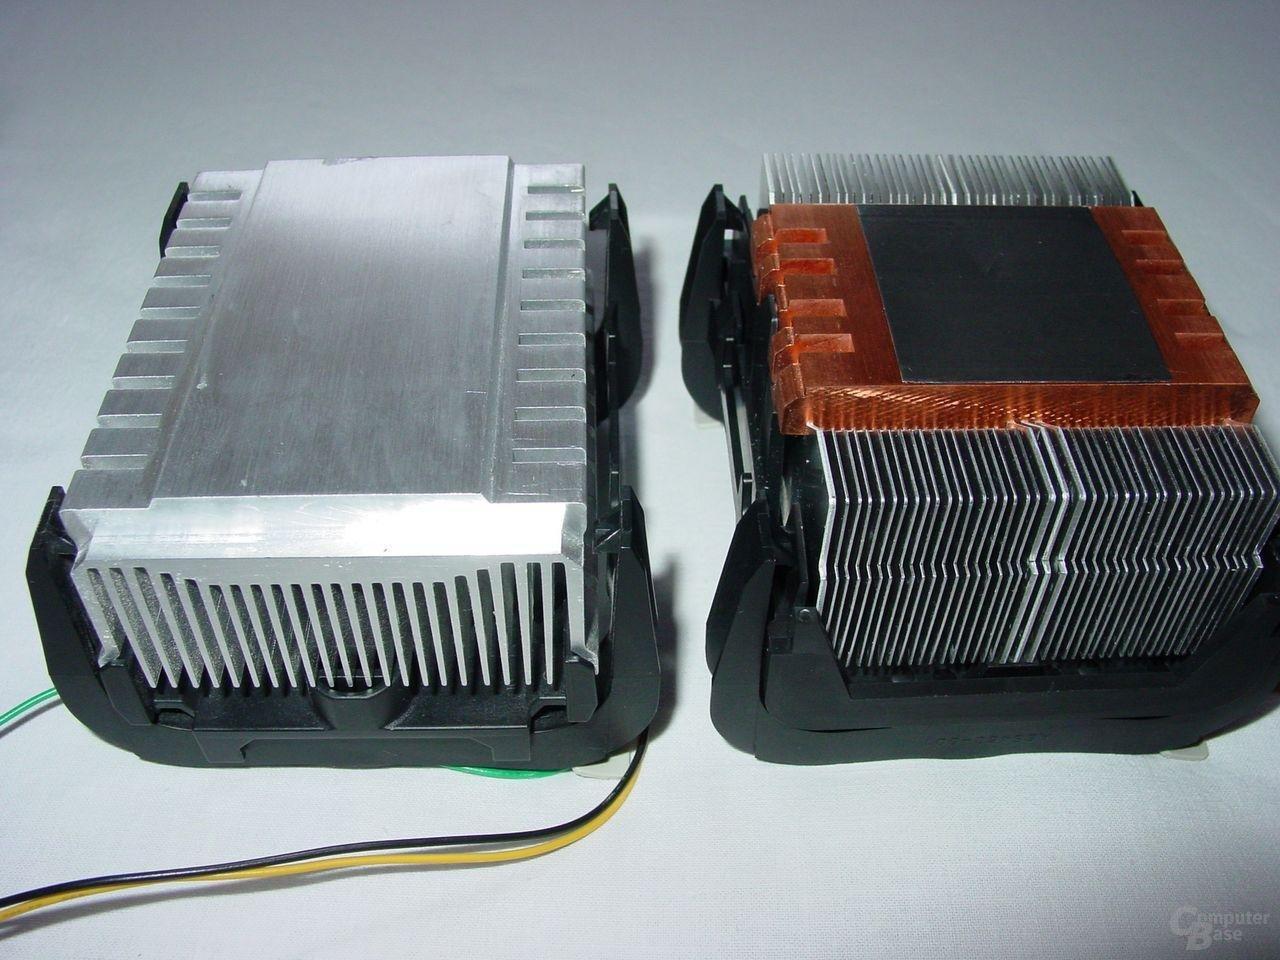 v.l.n.r: Pentium 4 Boxed Kühler bis einschl. 2,8 GHz - Pentium 4 Boxed Kühler ab 3,0 GHz (Modell A)